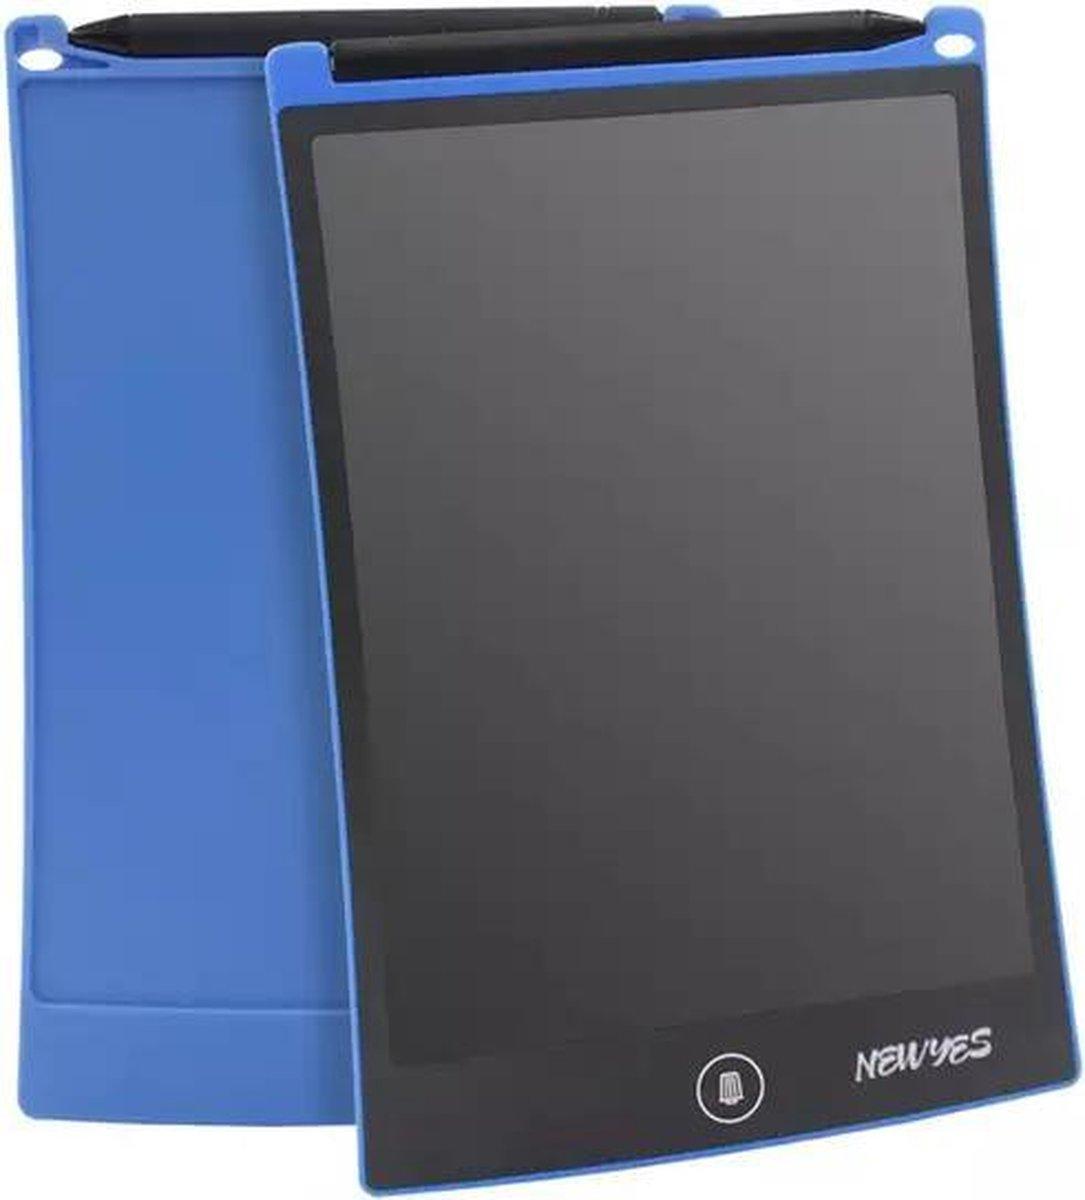 Tekentablet voor kinderen - 8.5 inch - Blauw